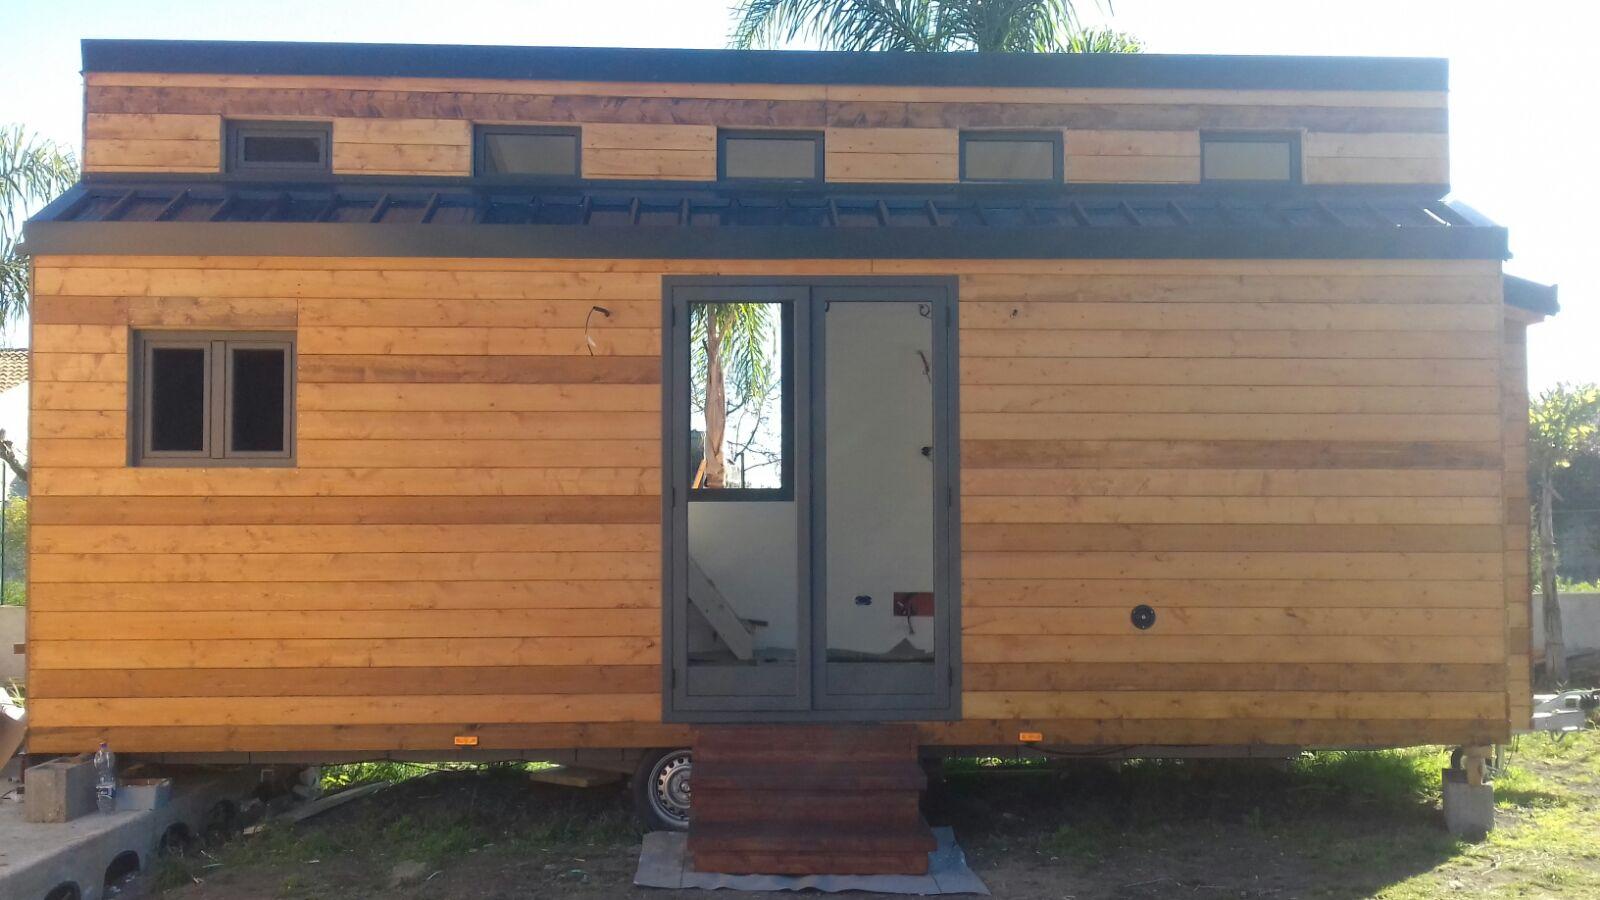 costruzione_casa_mobile12.jpg